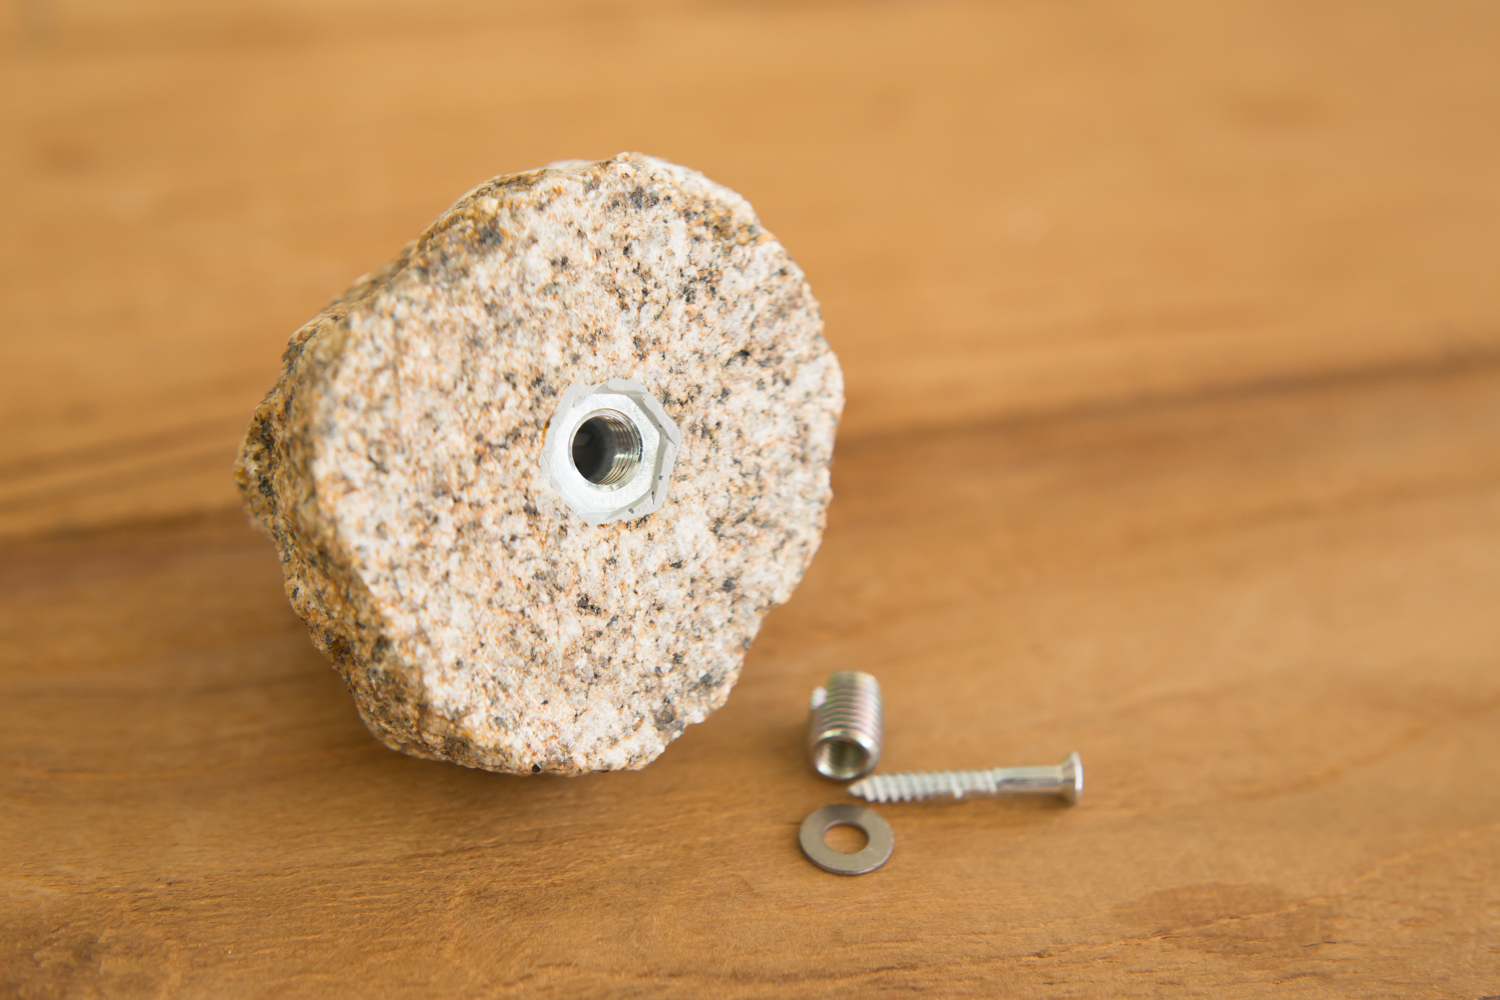 あらゆるシーンで活躍する自然石のフック